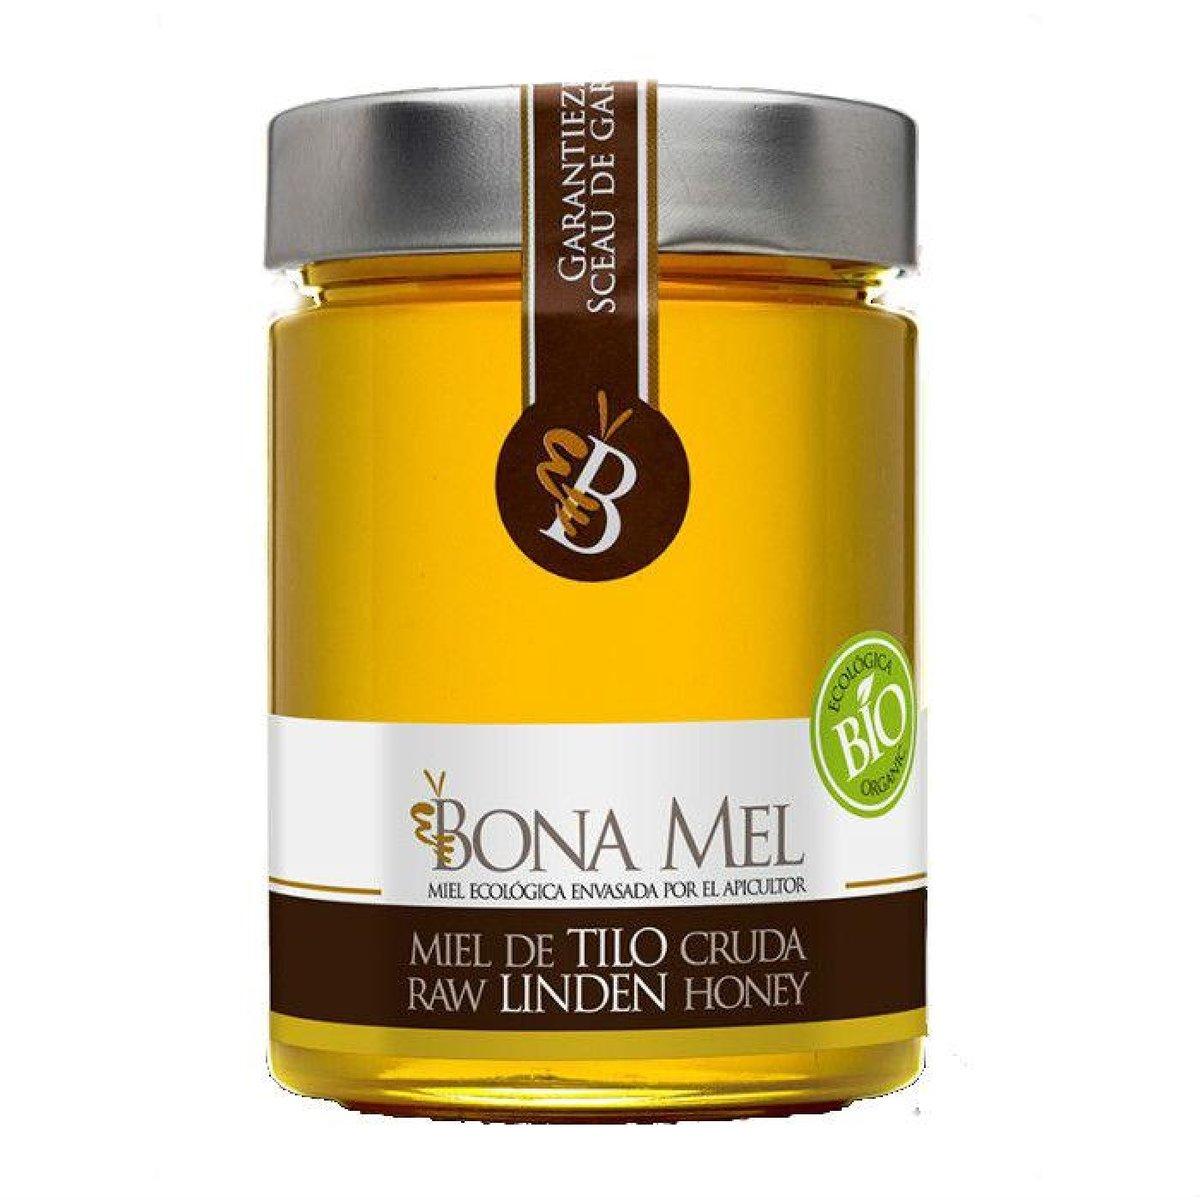 有機椴樹原生蜂蜜(300克)